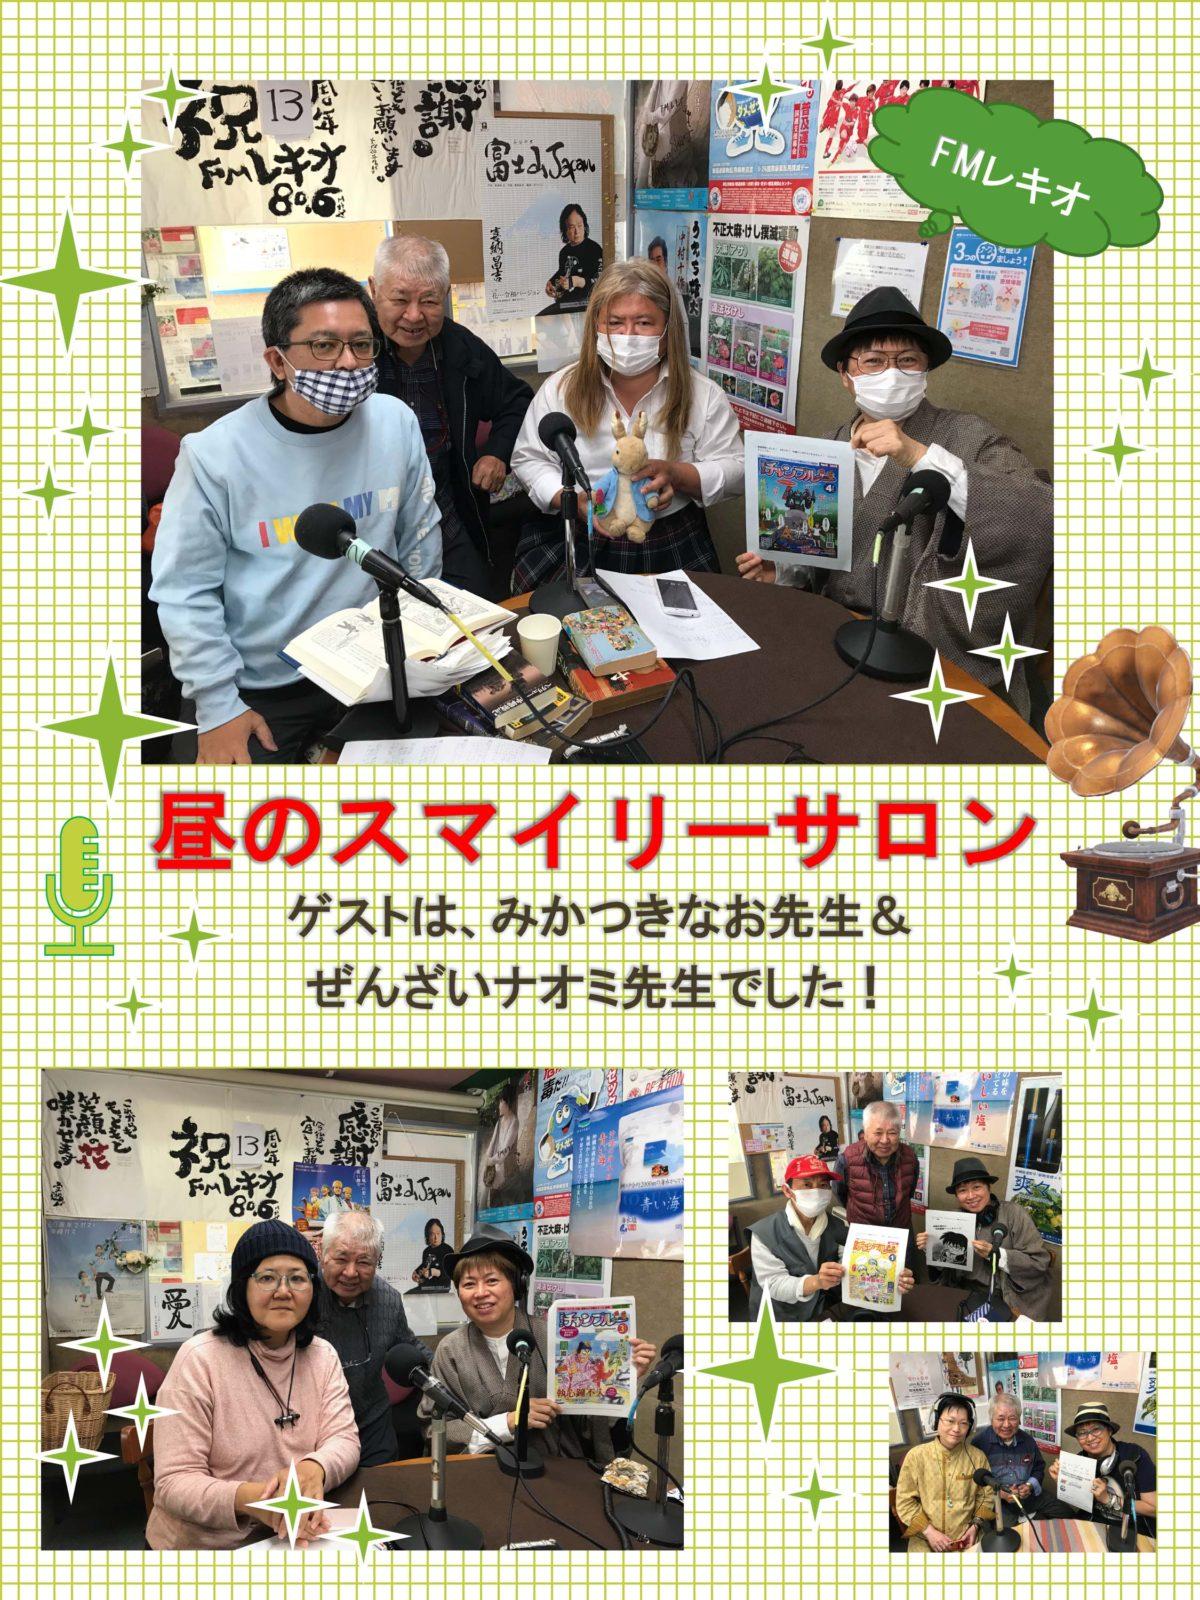 4月10日(金)は、みかつきなお先生&ぜんざいナオミ先生がゲストでした!『昼のスマイリーサロン』